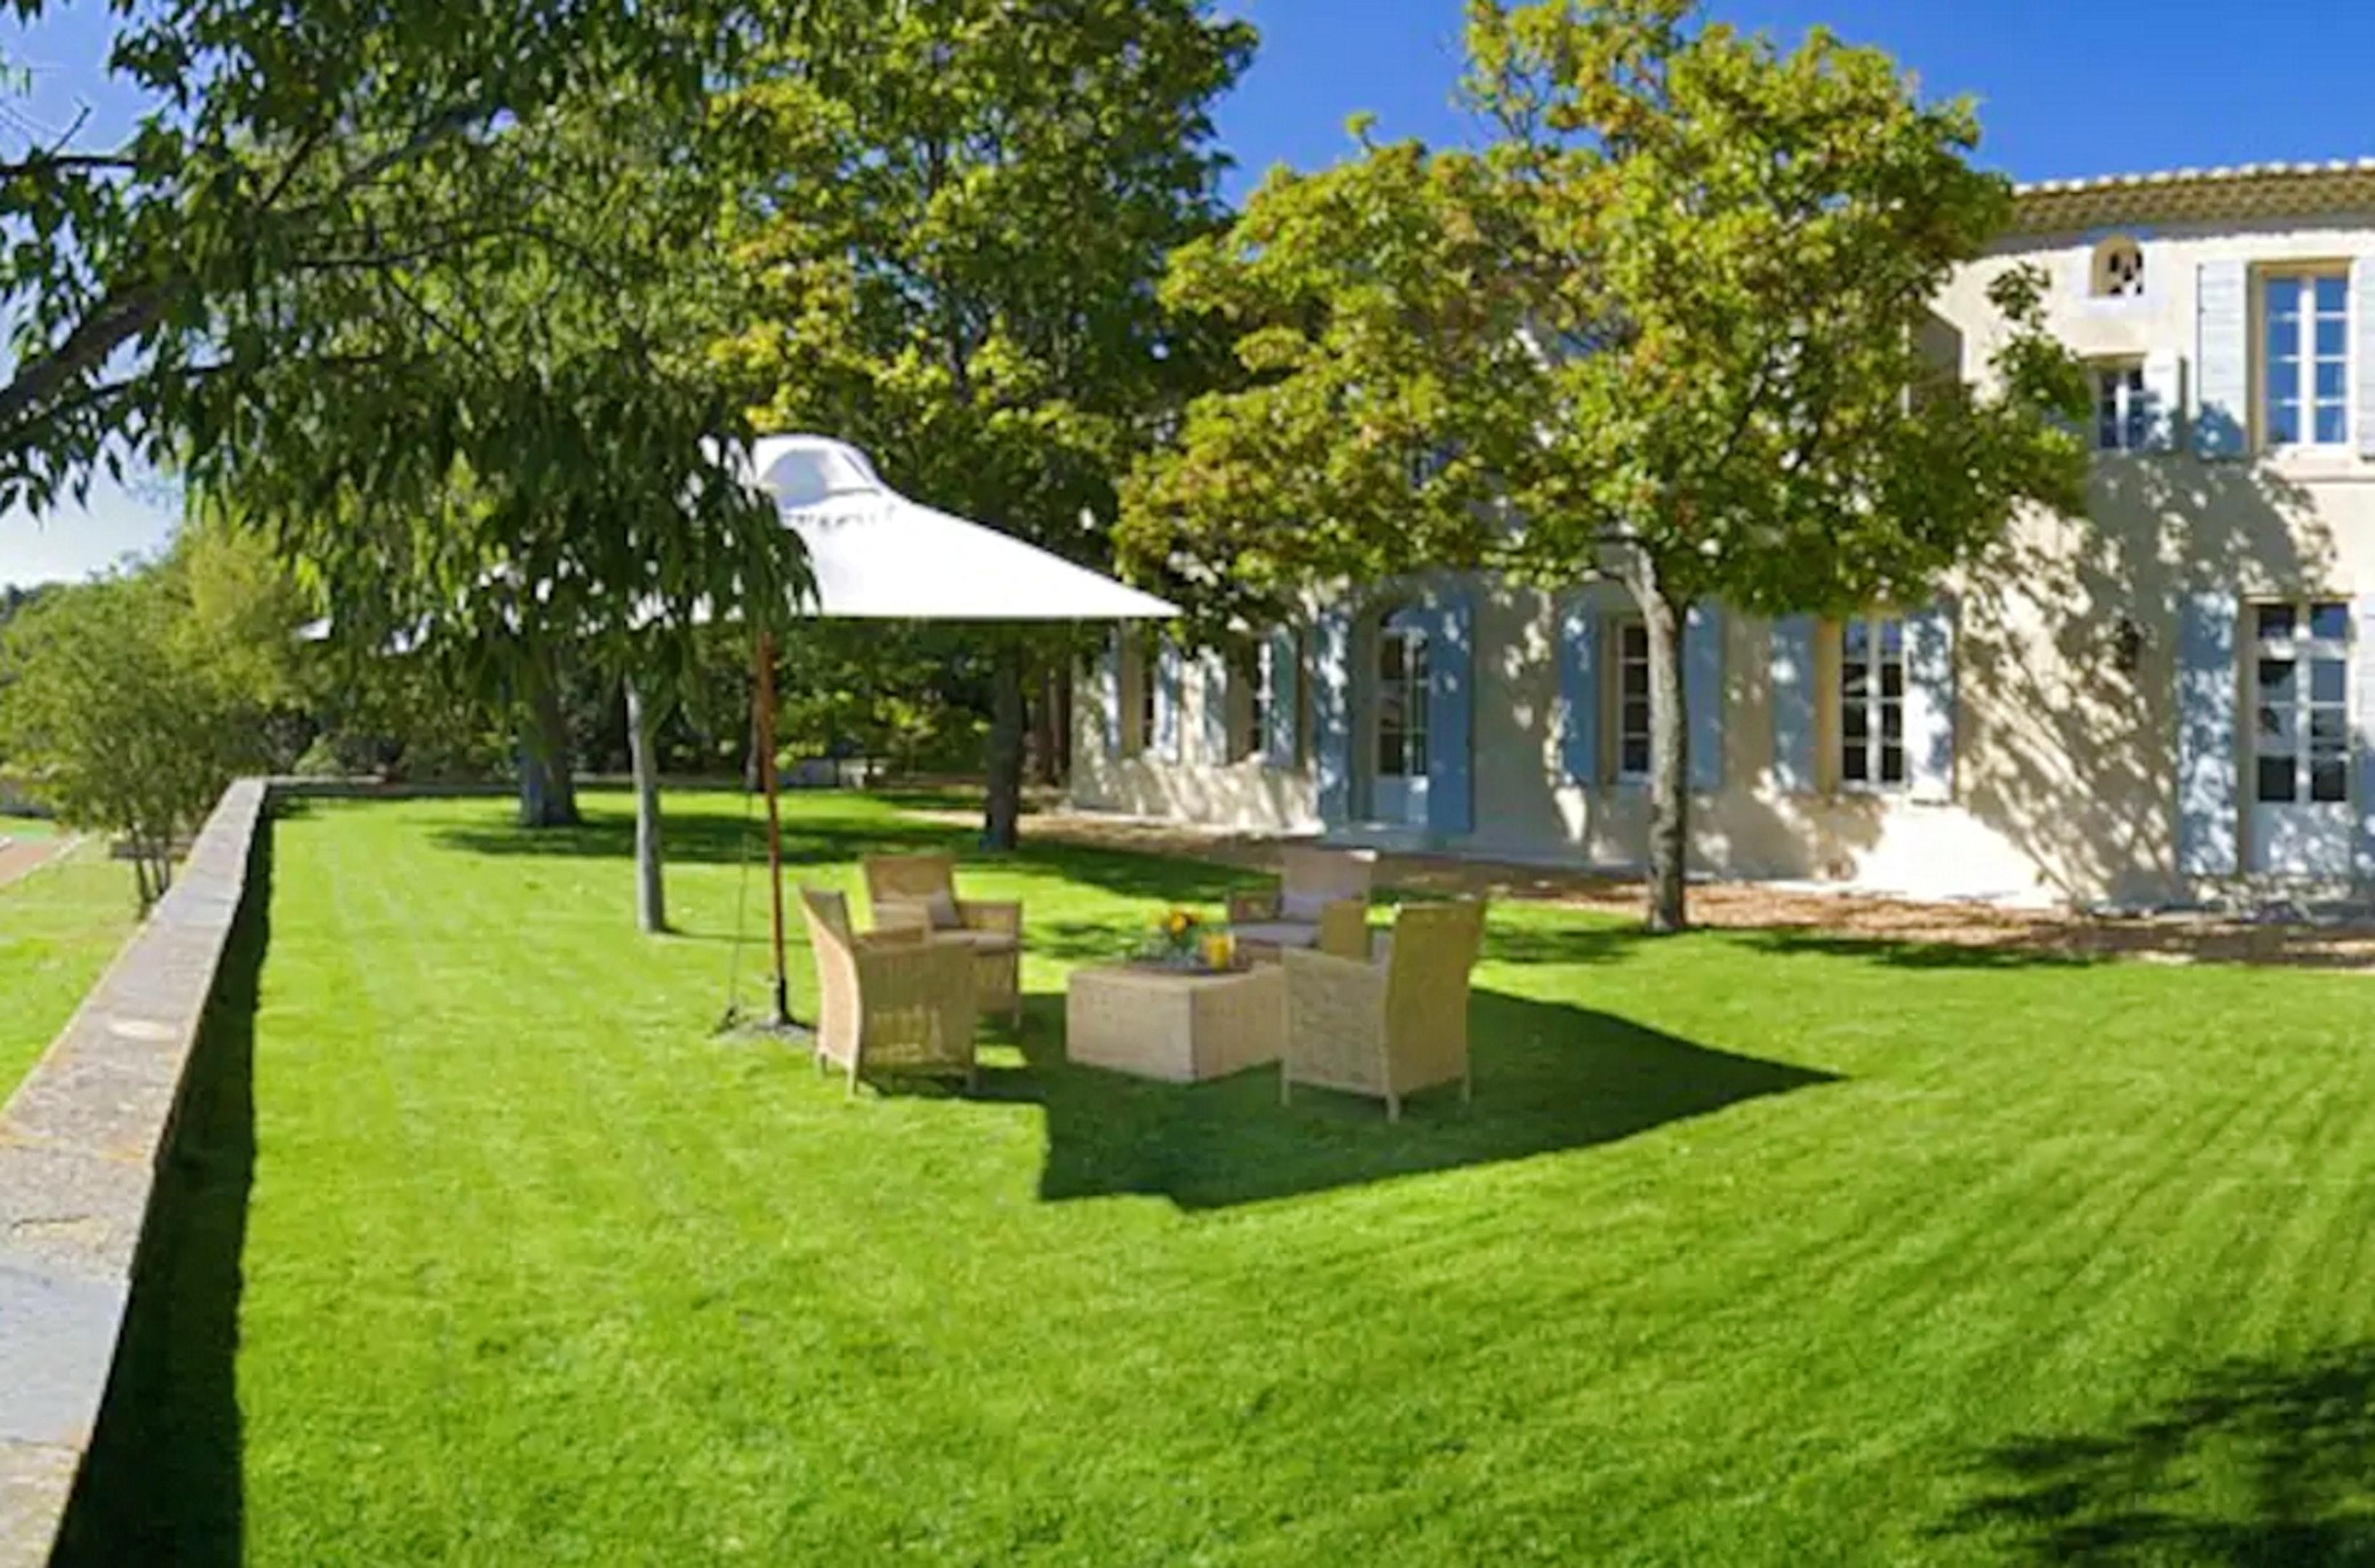 Maison de vacances Villa mit 6 Schlafzimmern in L'Isle-sur-la-Sorgue mit privatem Pool, möbliertem Garten und (2647203), L'Isle sur la Sorgue, Vaucluse, Provence - Alpes - Côte d'Azur, France, image 7